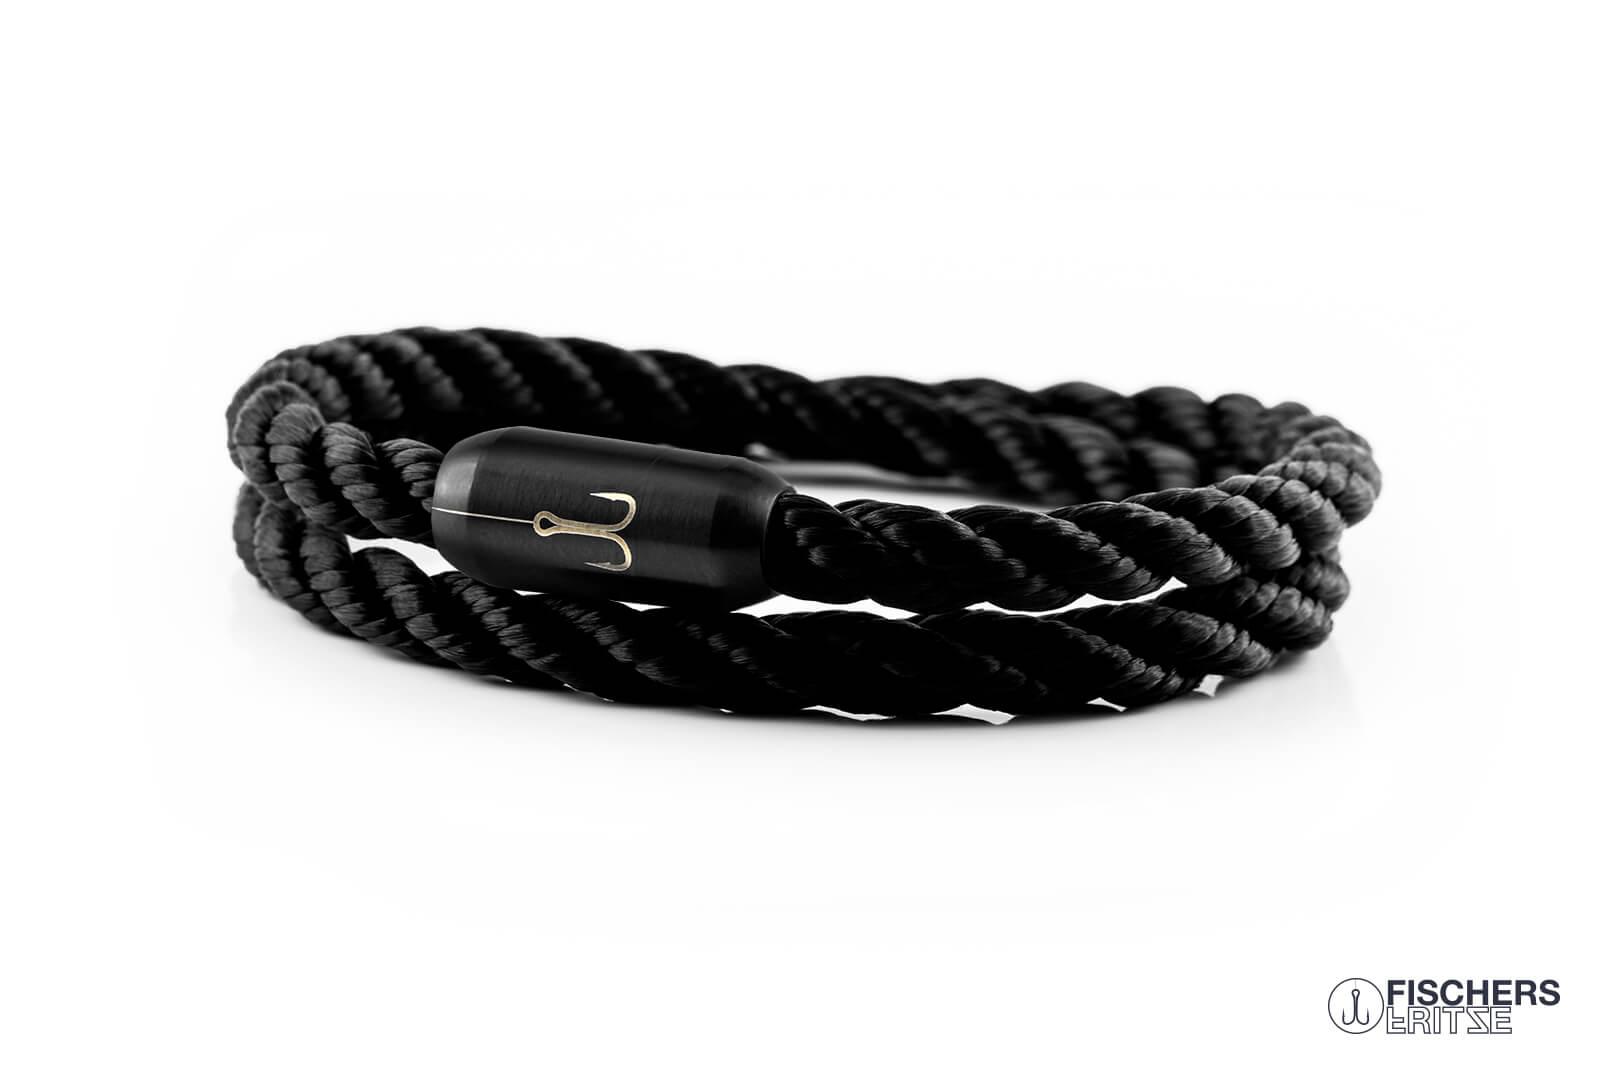 armband-fischers-fritze-torpedogarnele-schwarz-gedreht-segeltau